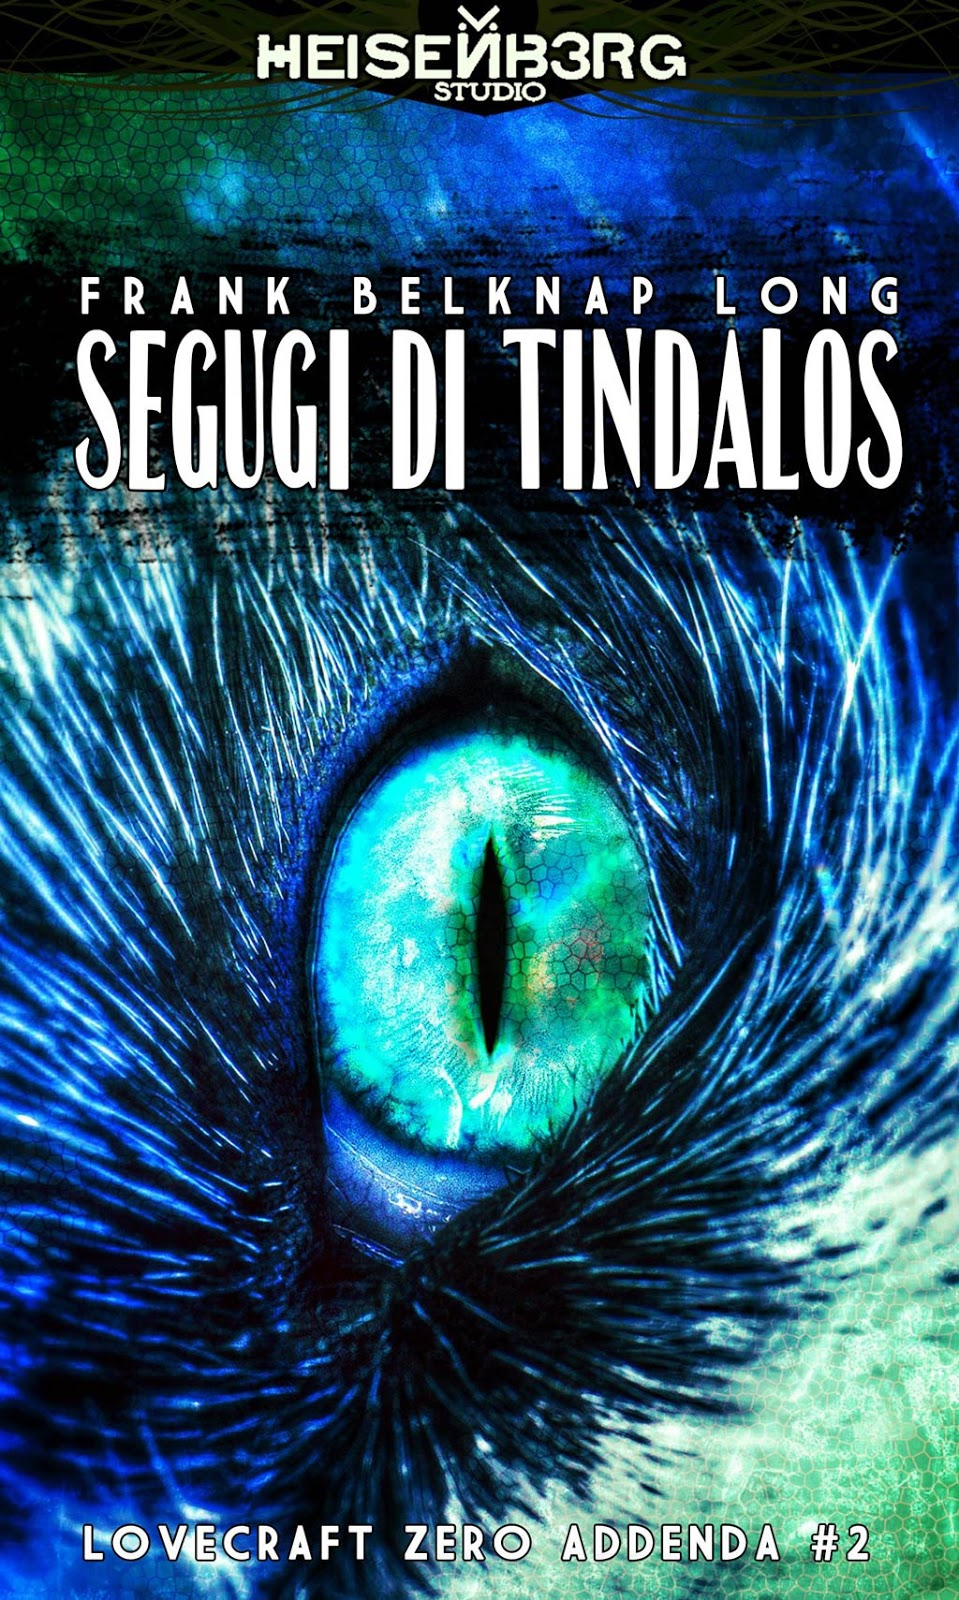 Segugi di Tindalos - Cover (low res)